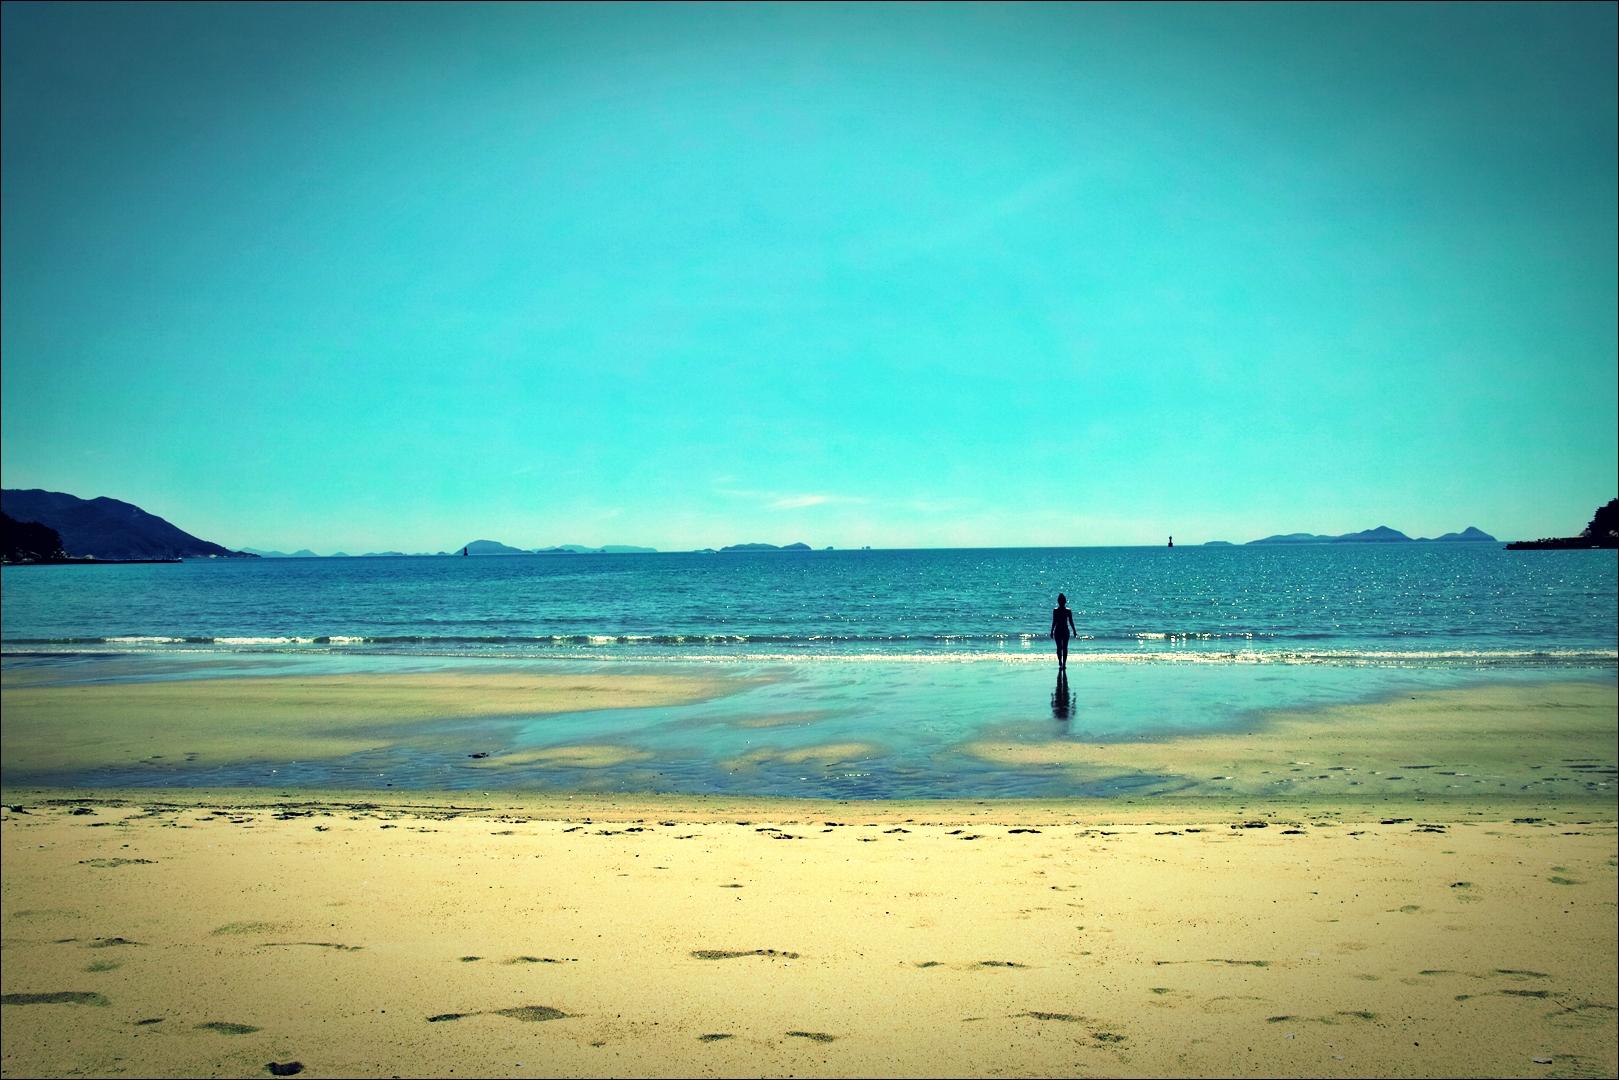 해변-'덕적도 서포리 해수욕장 백패킹'